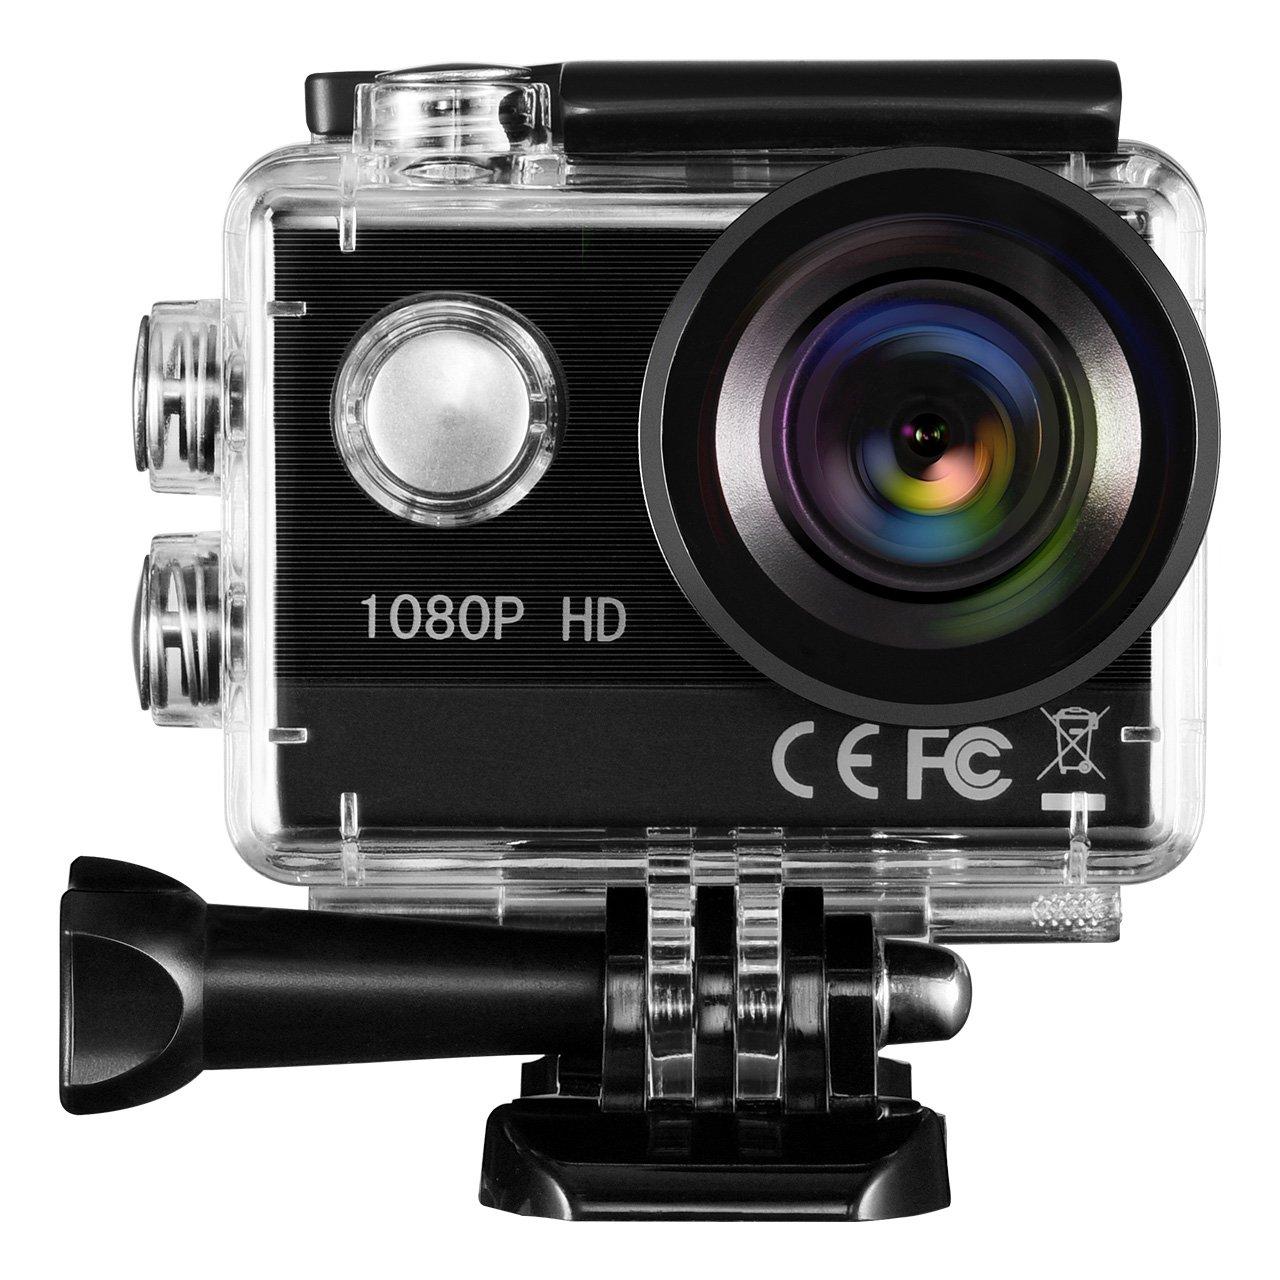 Bild zu TOPELEK Sport-Actionkamera HD 1080P für 19,97€